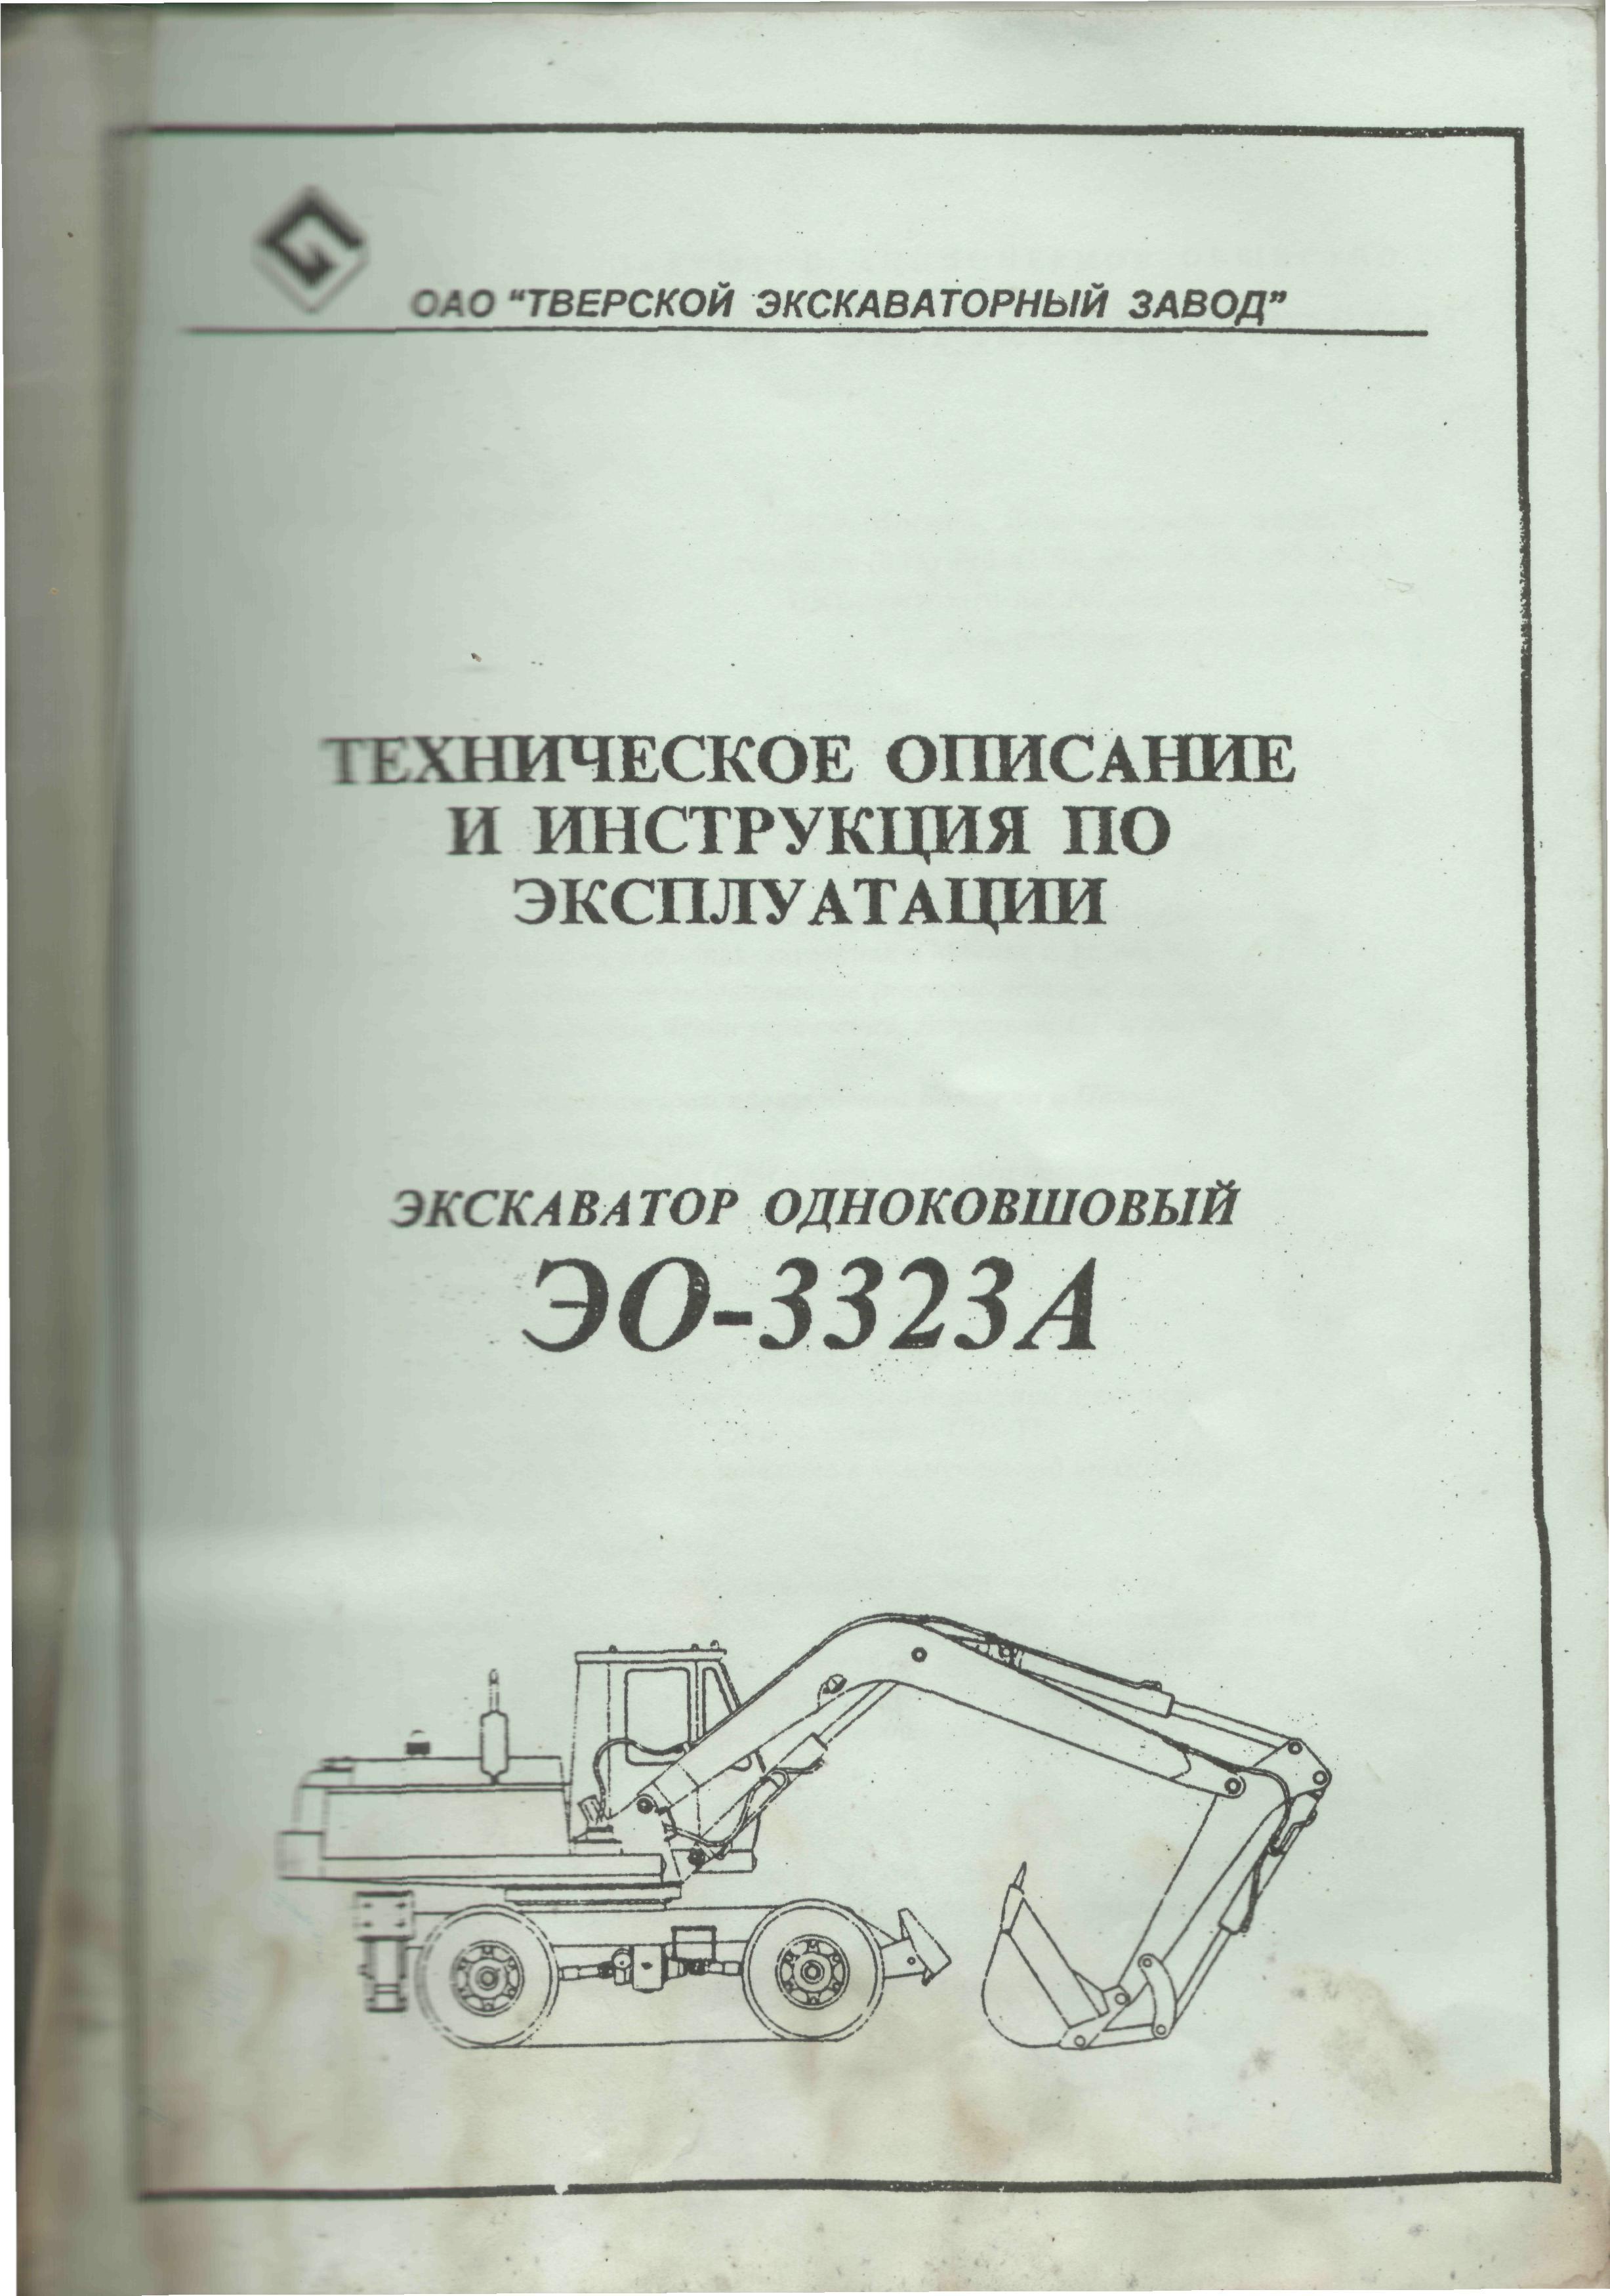 Инструкция по эксплуатации экскаватора